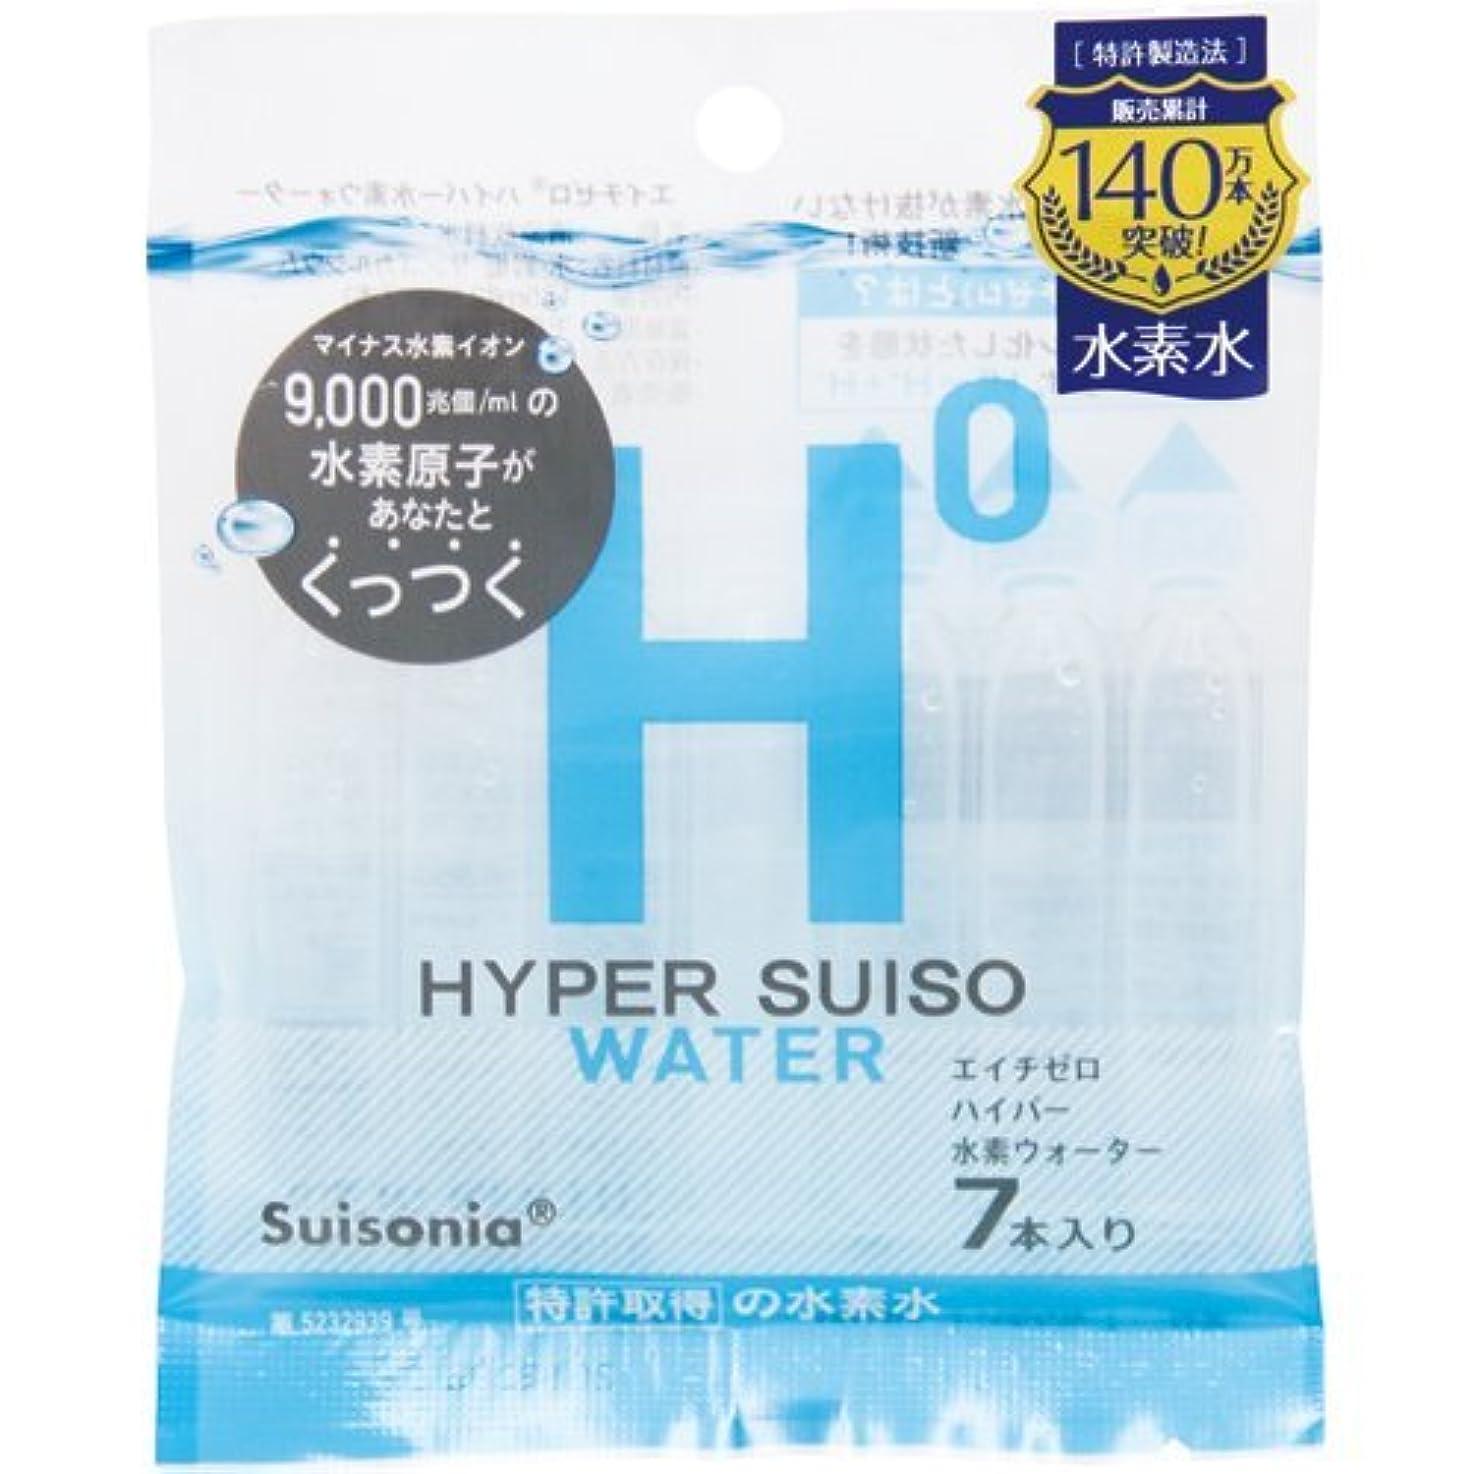 としてほとんどの場合秀でるハイパー水素ウォーター 2.5mlx7本